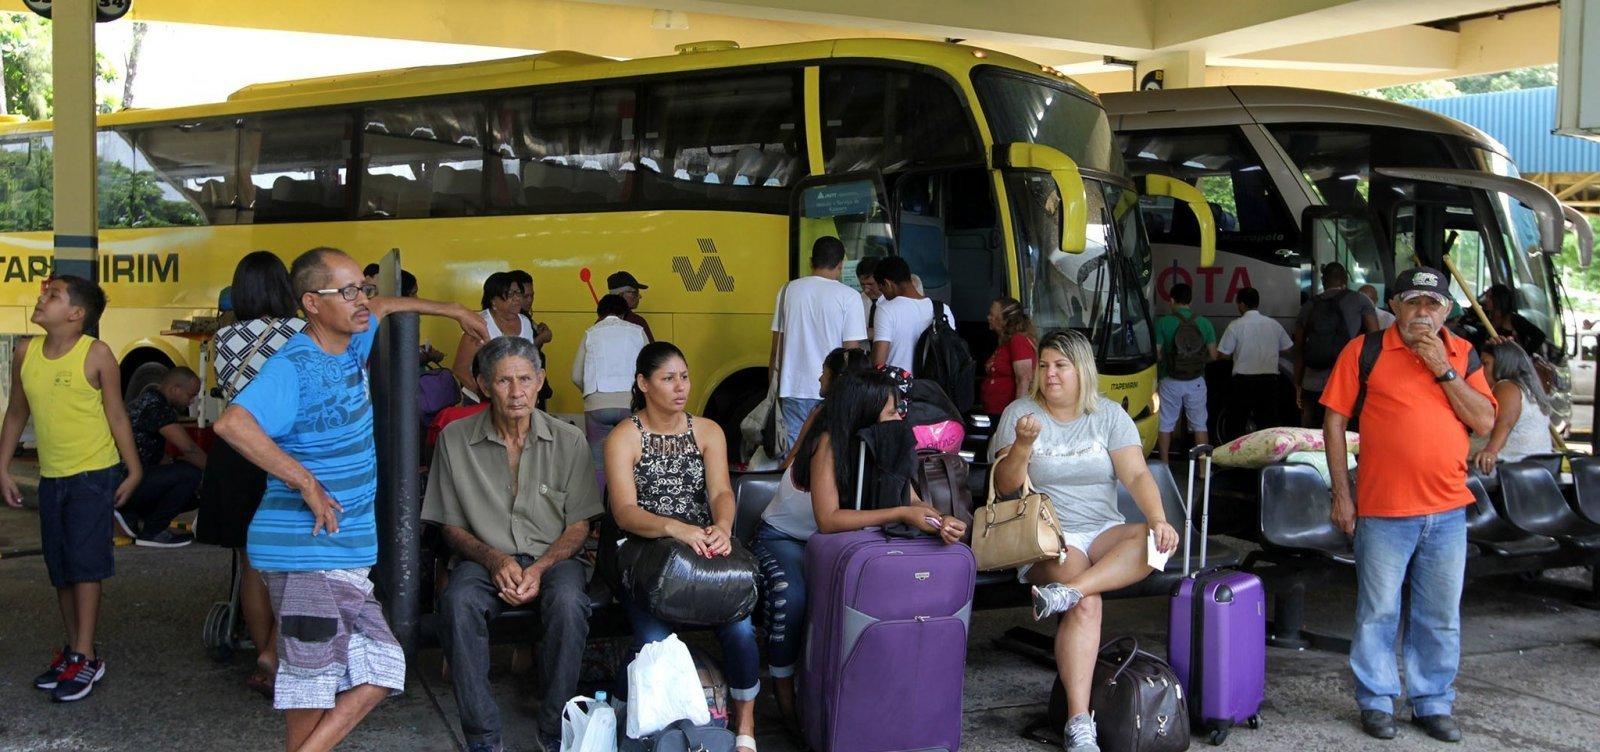 [Mais três cidades baianas adotam suspensão de transporte intermunicipal a partir desta sexta]